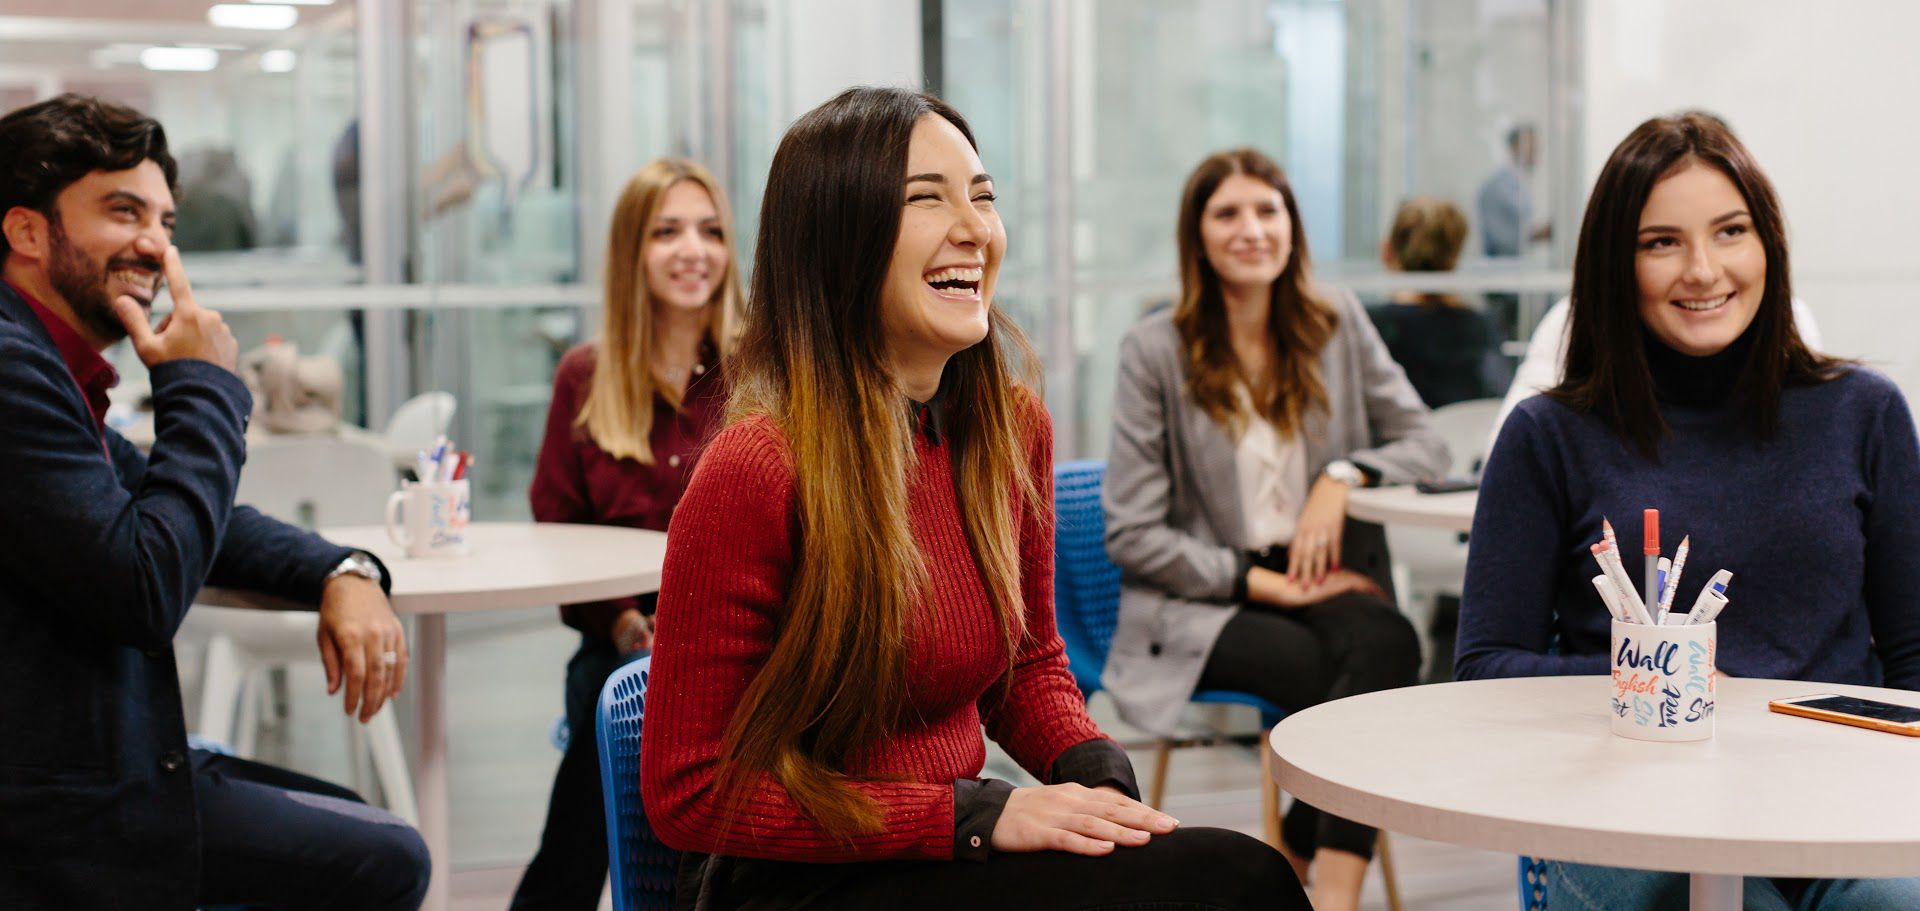 Бесплатные онлайн-уроки по английскому языку в школах Wall Street English фото 1